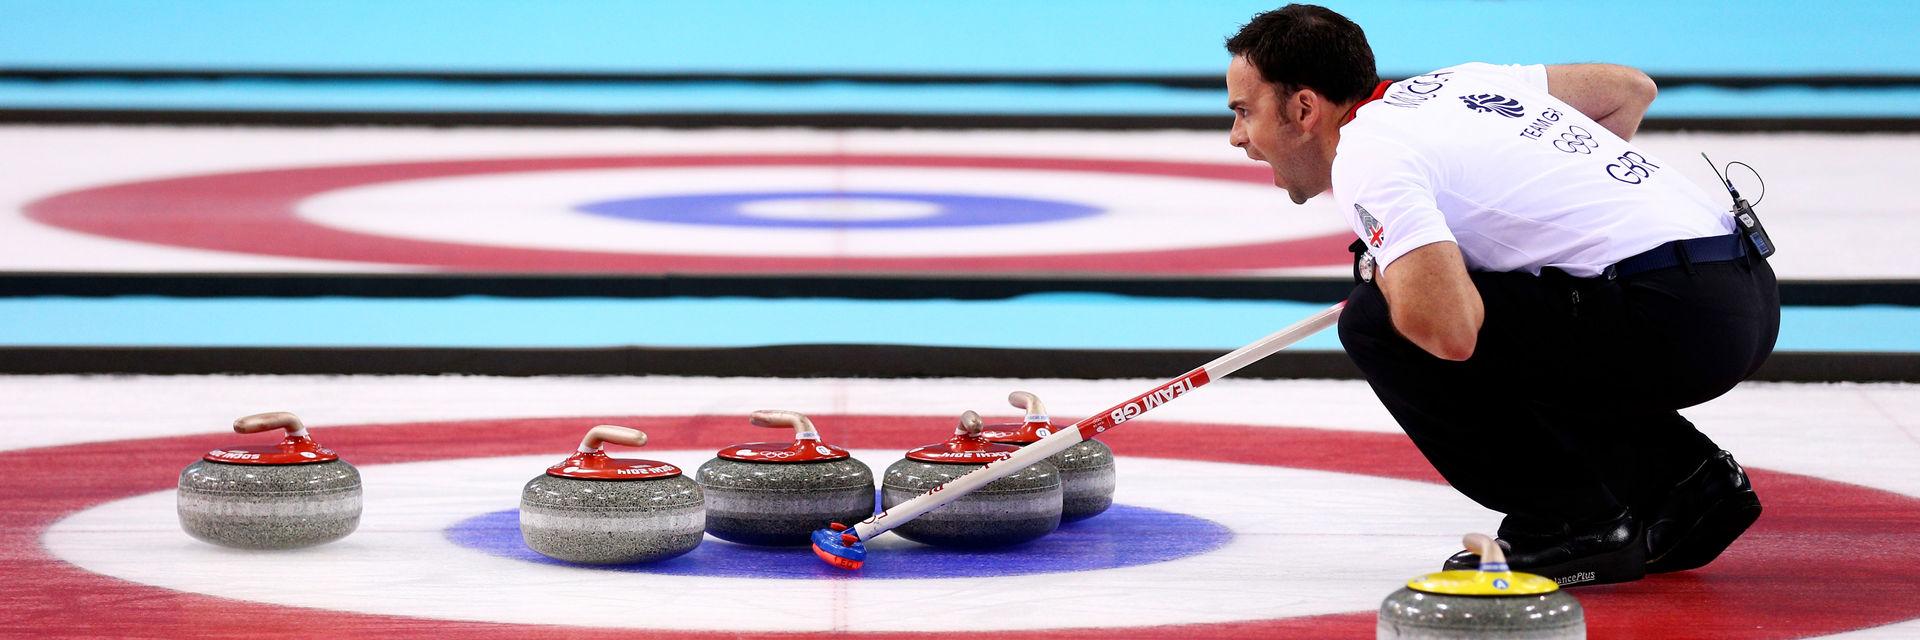 curling_banner.jpg